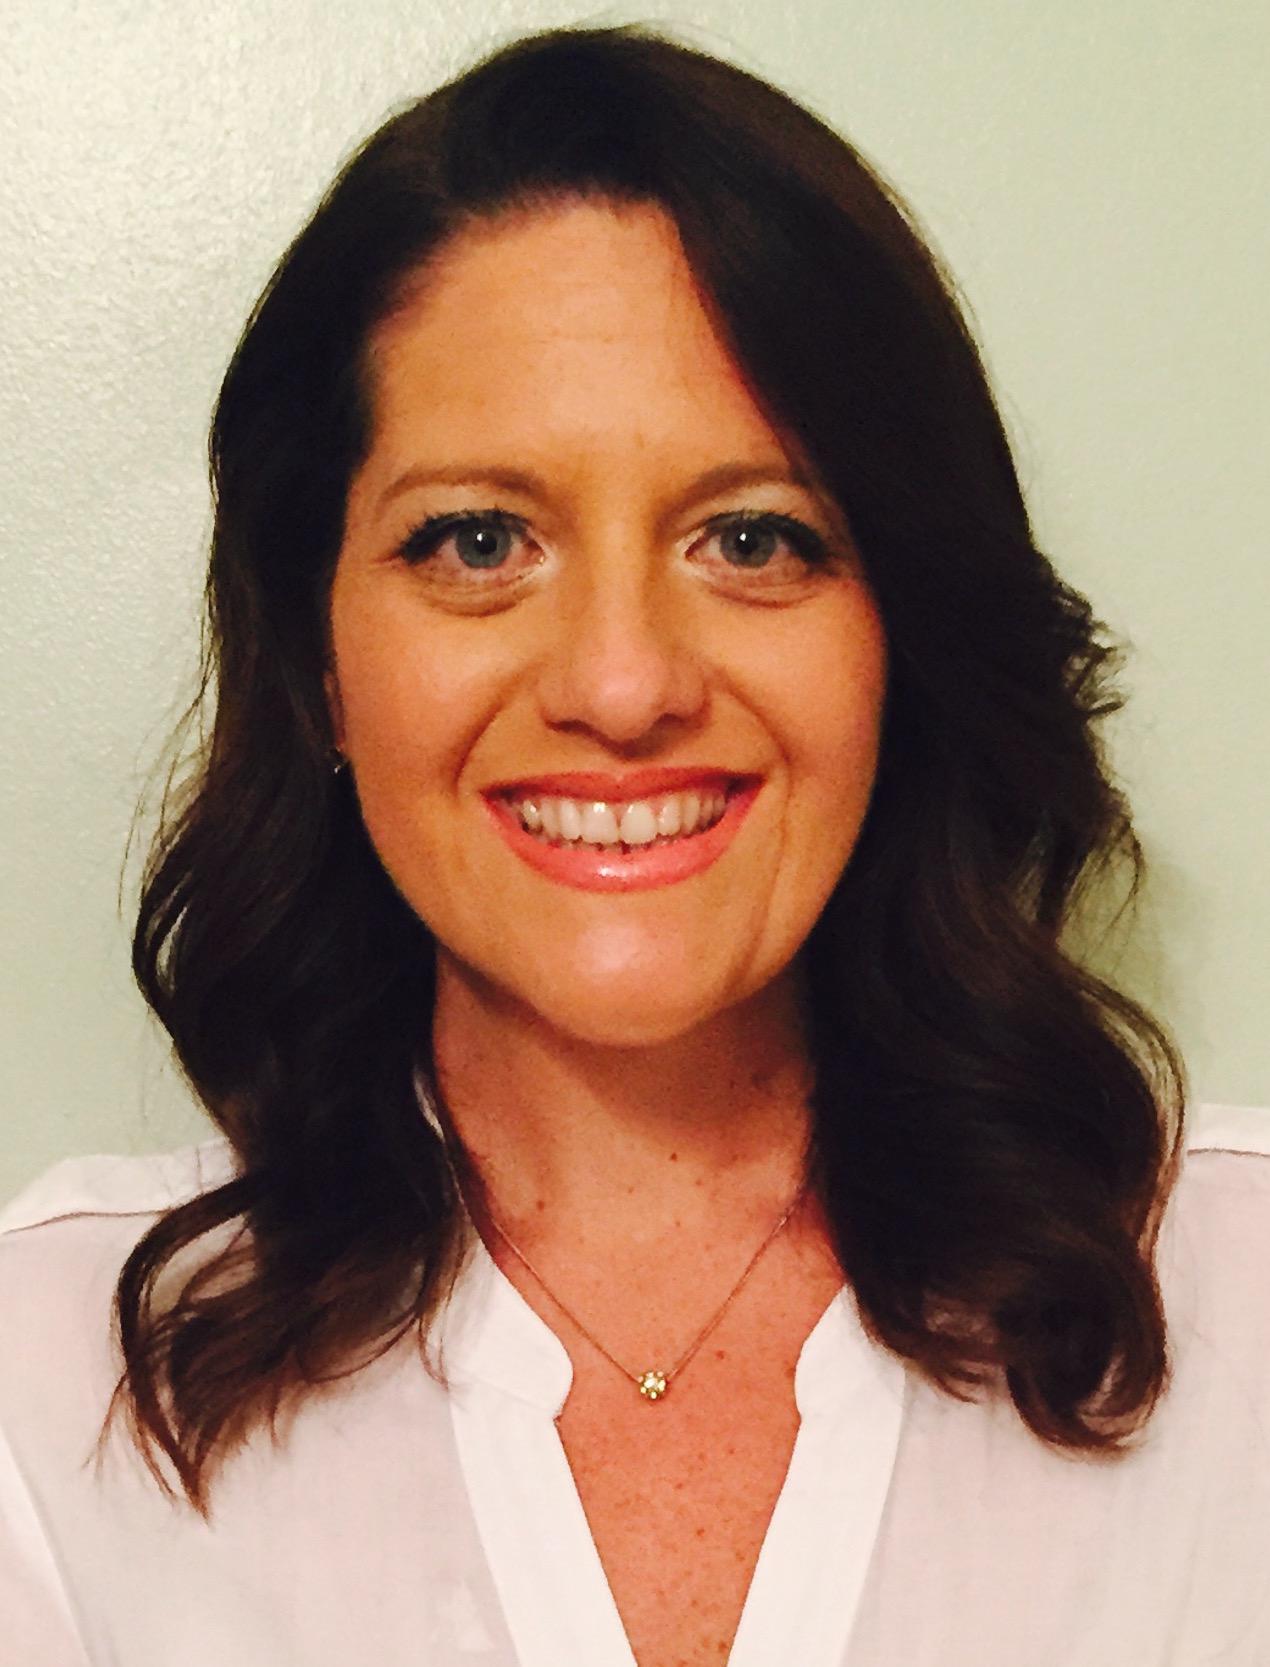 Alison Seponara, MS, LPC